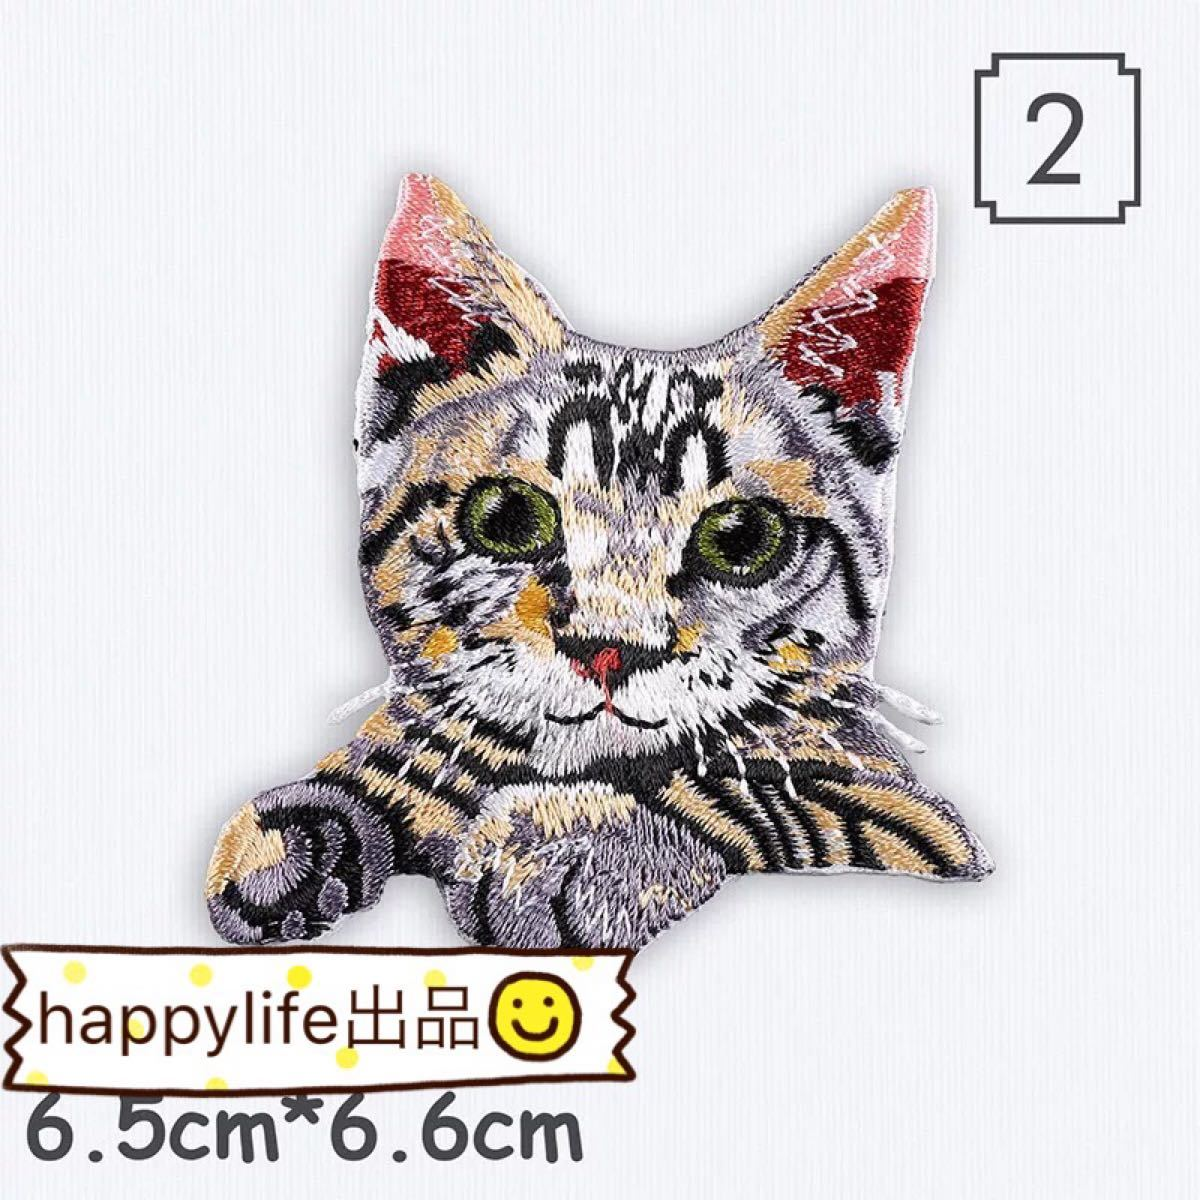 2ネコ アイロンワッペン 刺繍ワッペン 猫刺繍アイロンワッペン